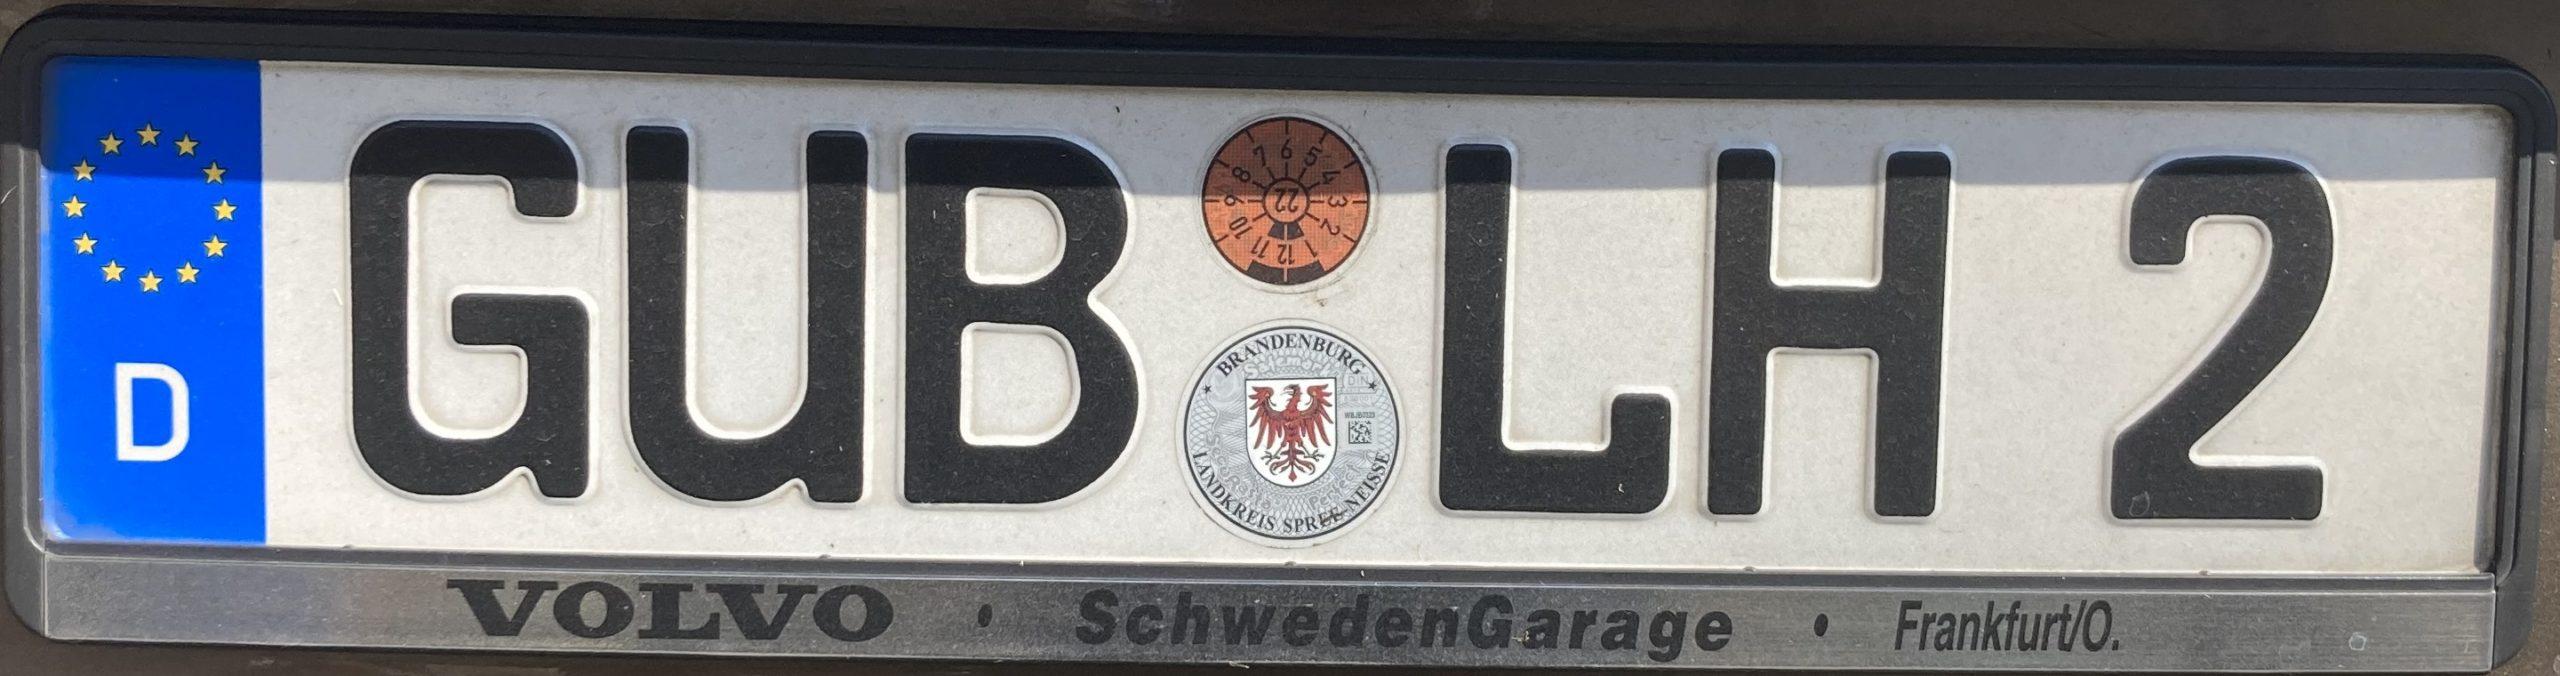 Registrační značky Německo - GUB - Guben, foto: www.podalnici.cz